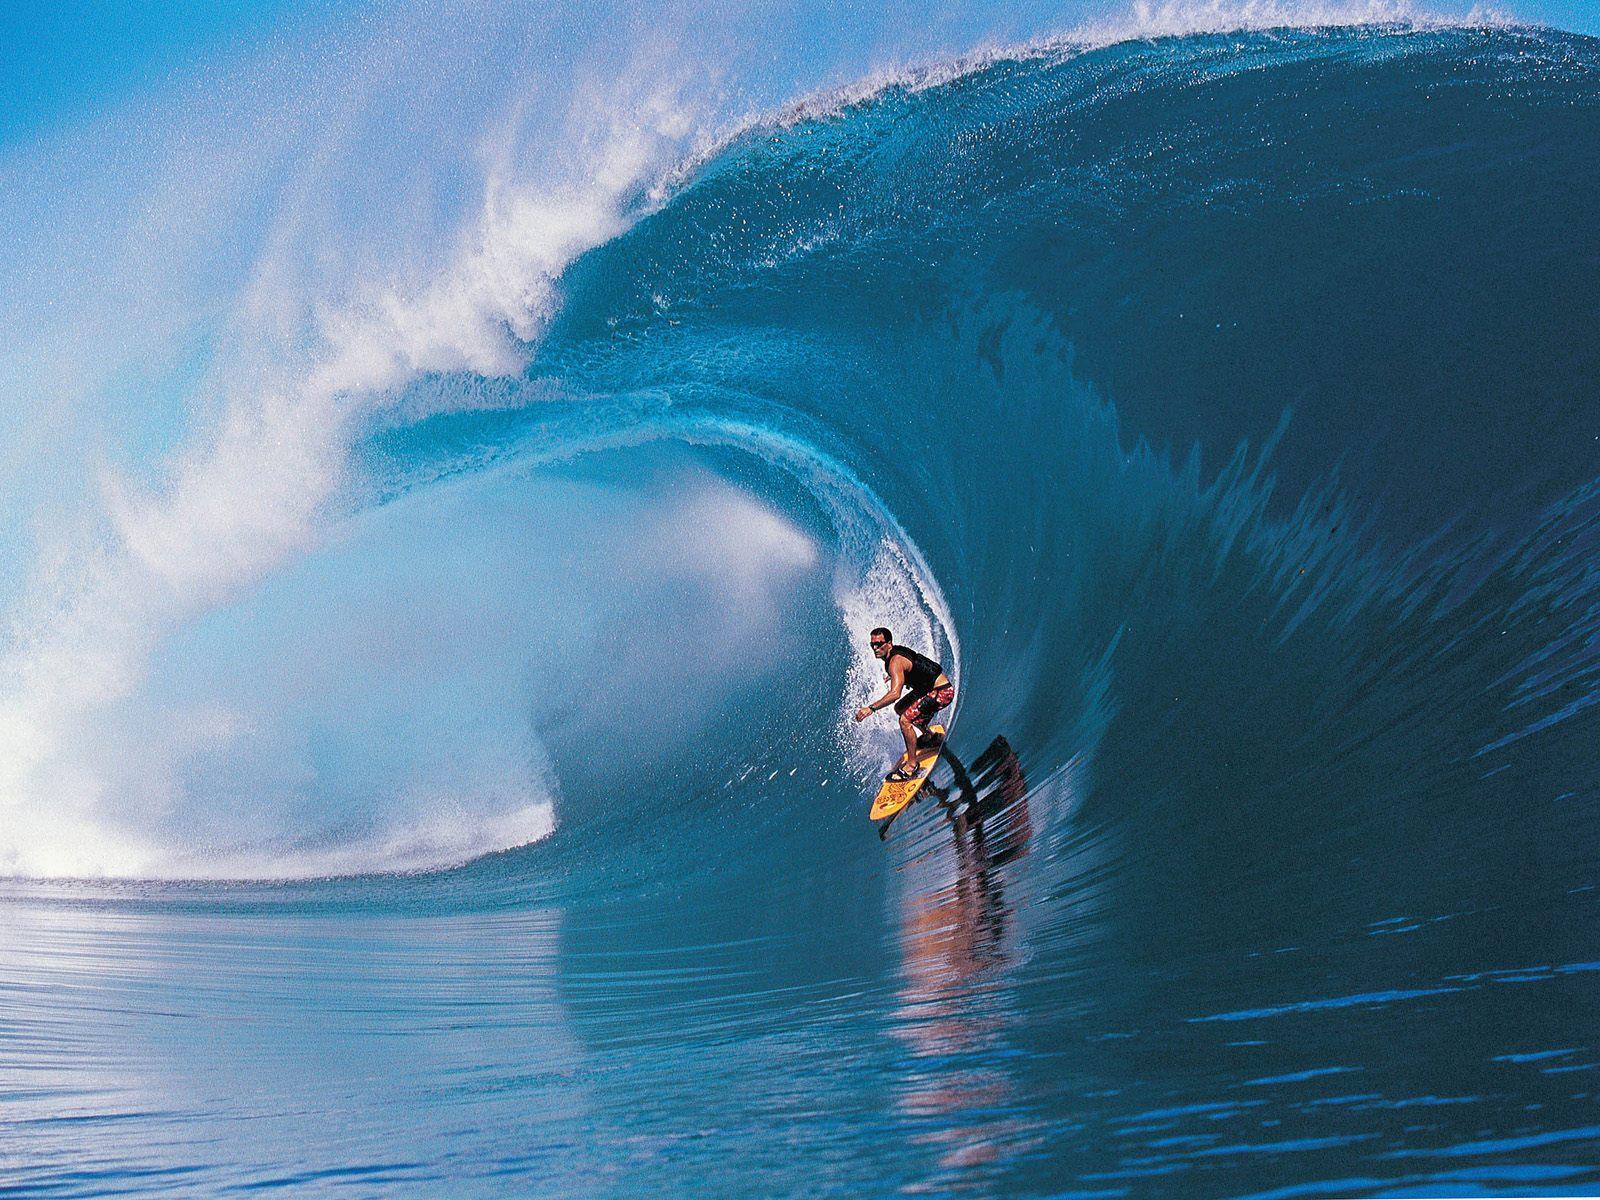 http://4.bp.blogspot.com/-FbKIjRKgu28/T5VgKCffFQI/AAAAAAAAEe8/8s0R4LQaM5g/s1600/extreme-sport-surfing.jpg